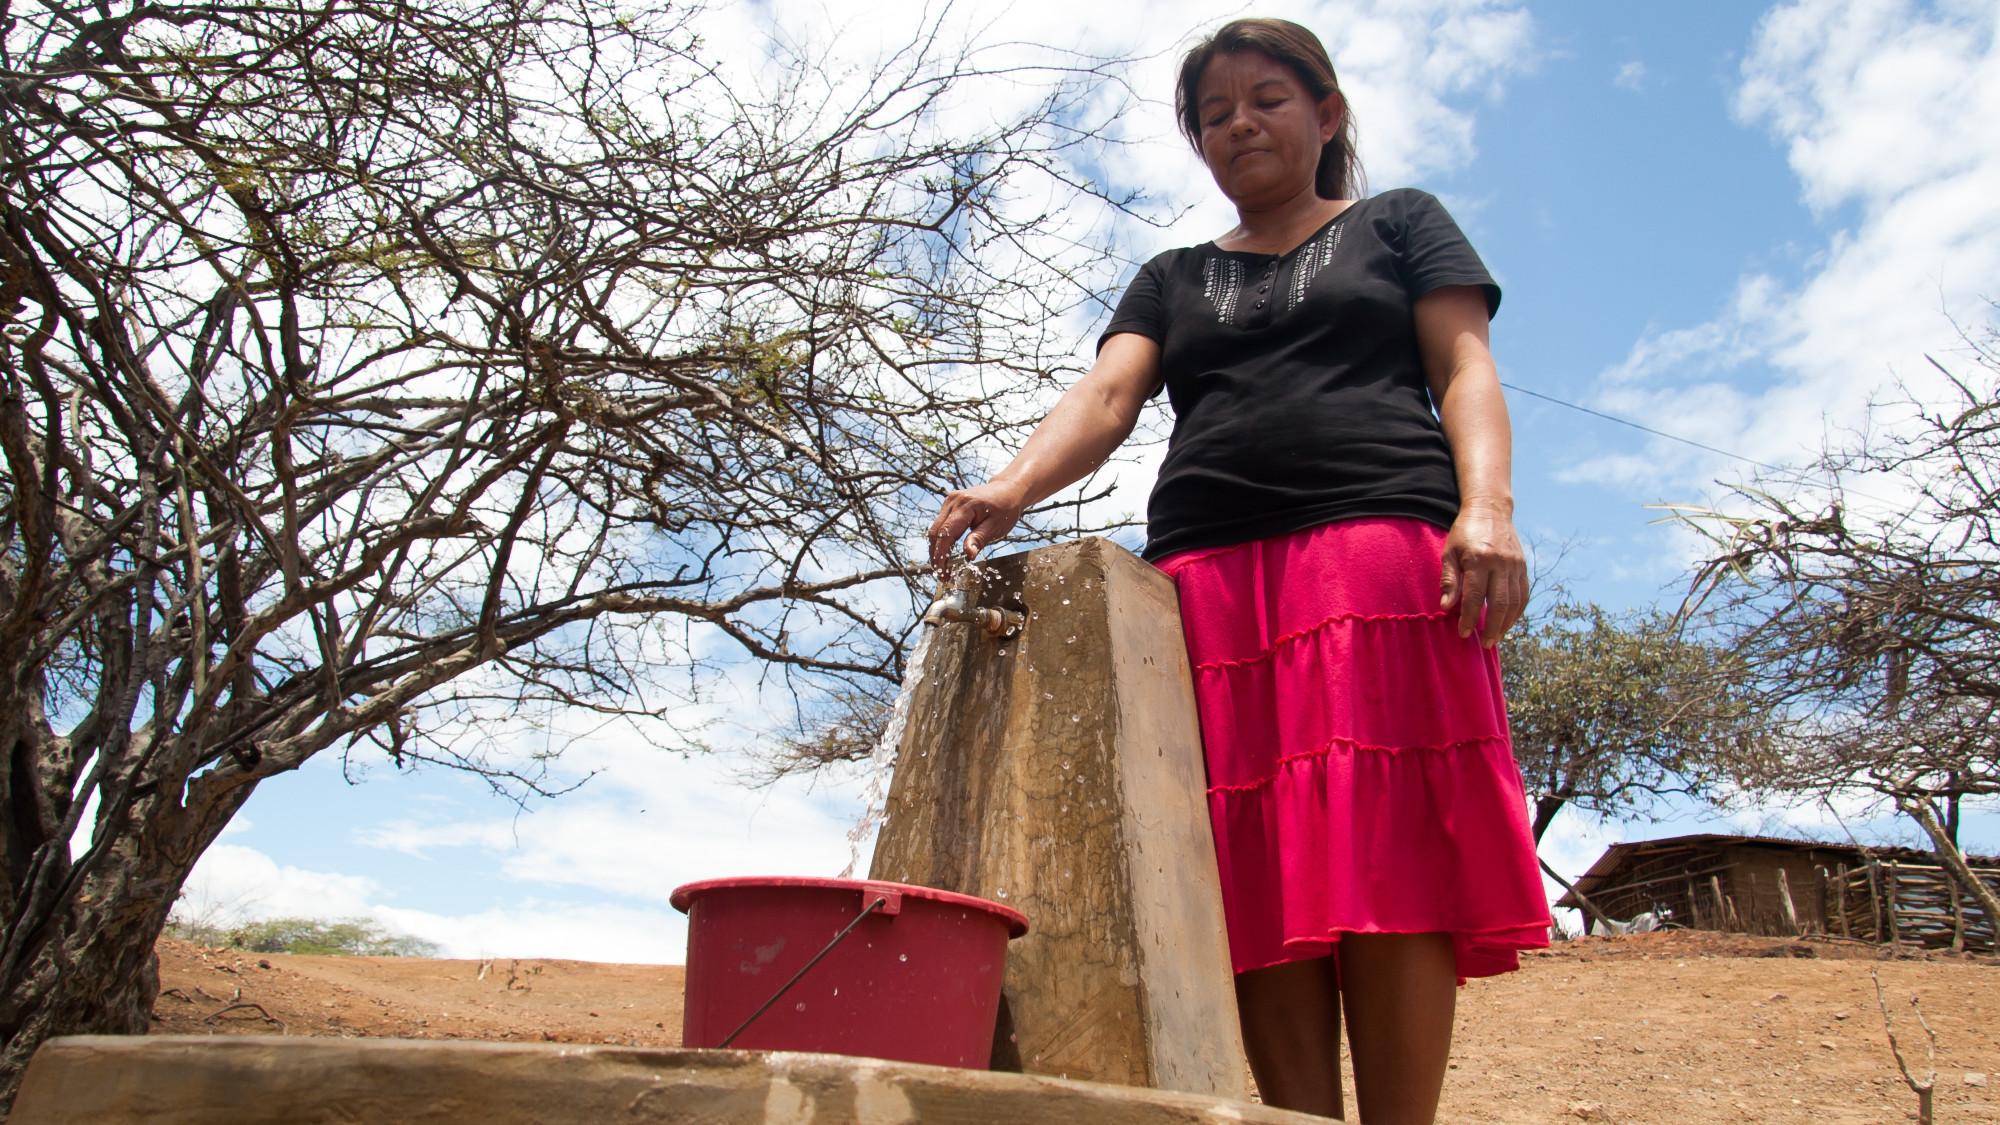 Junto a cooperantes extranjeros, la UDEP ha ejecutado proyectos que han beneficiado a poblaciones de las zonas rurales.